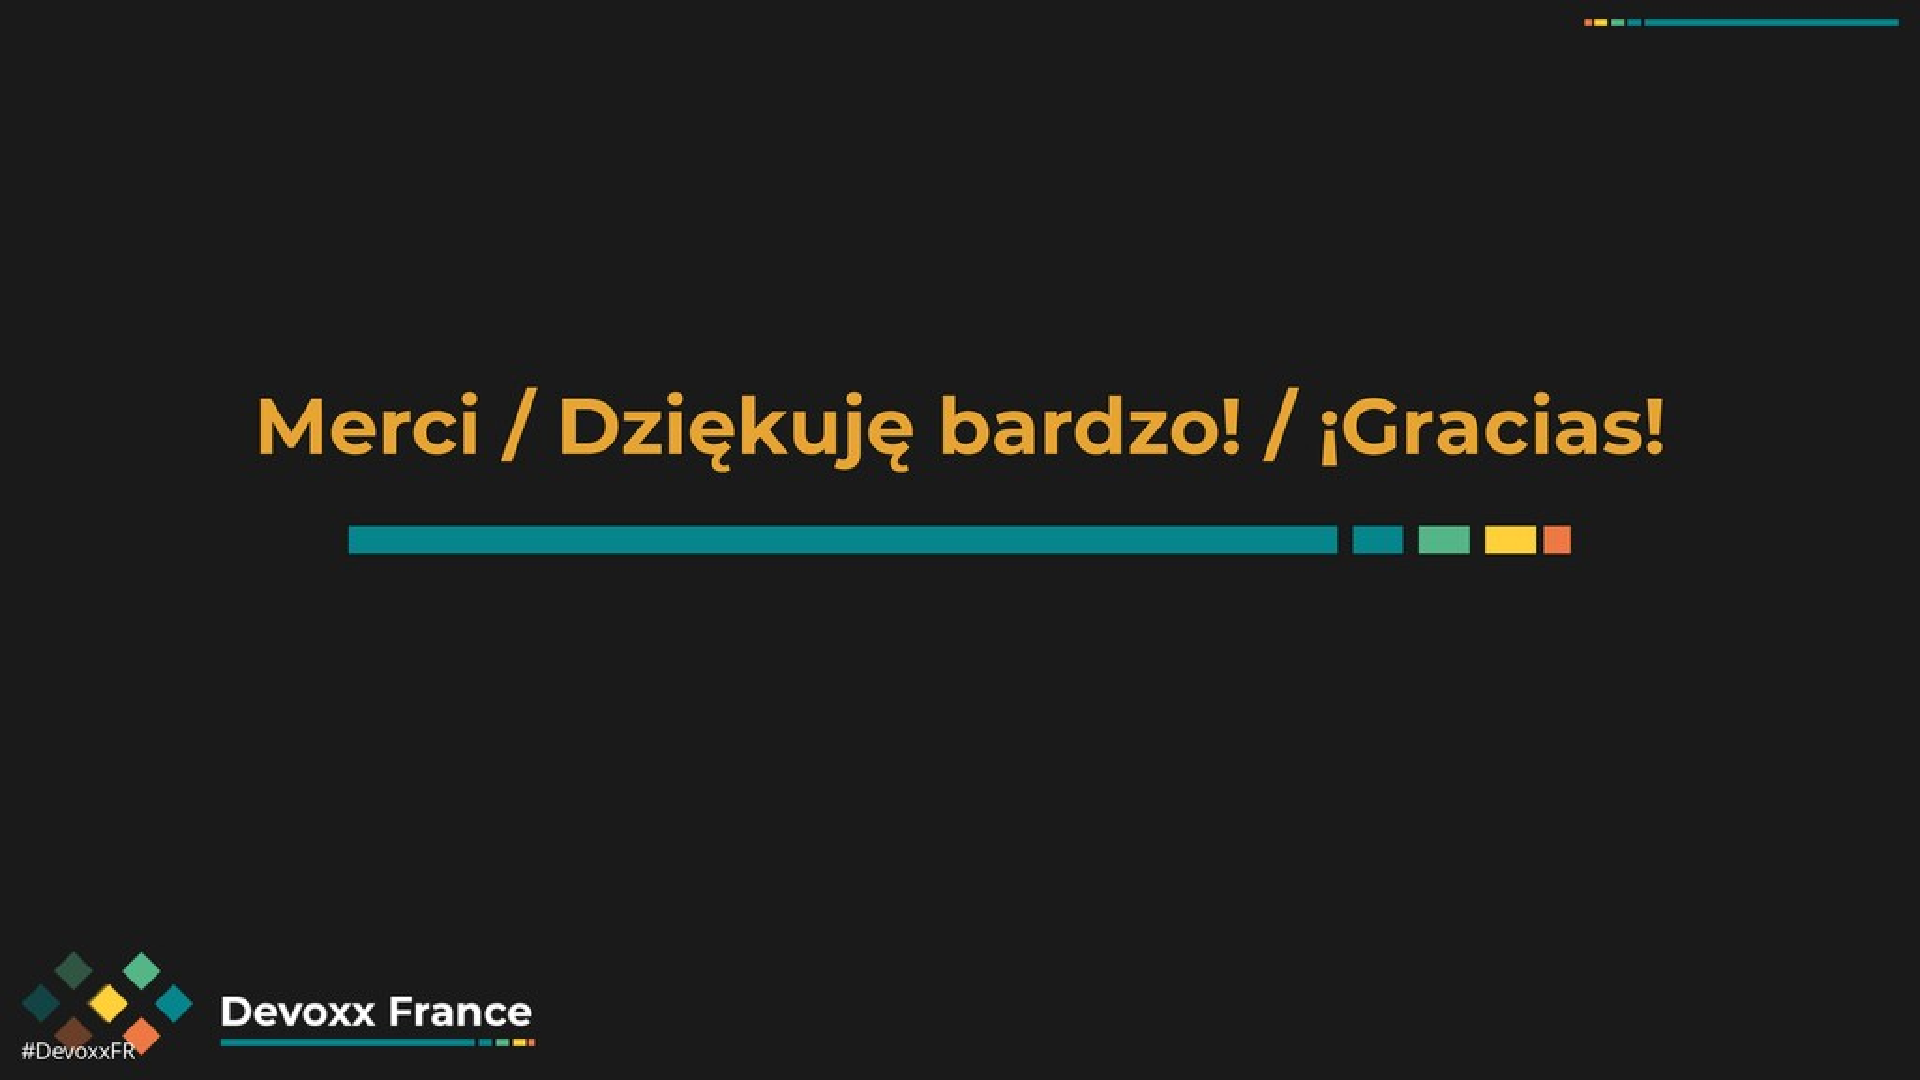 #DevoxxFR Merci / Dziękuję bardzo! / ¡Gracias!